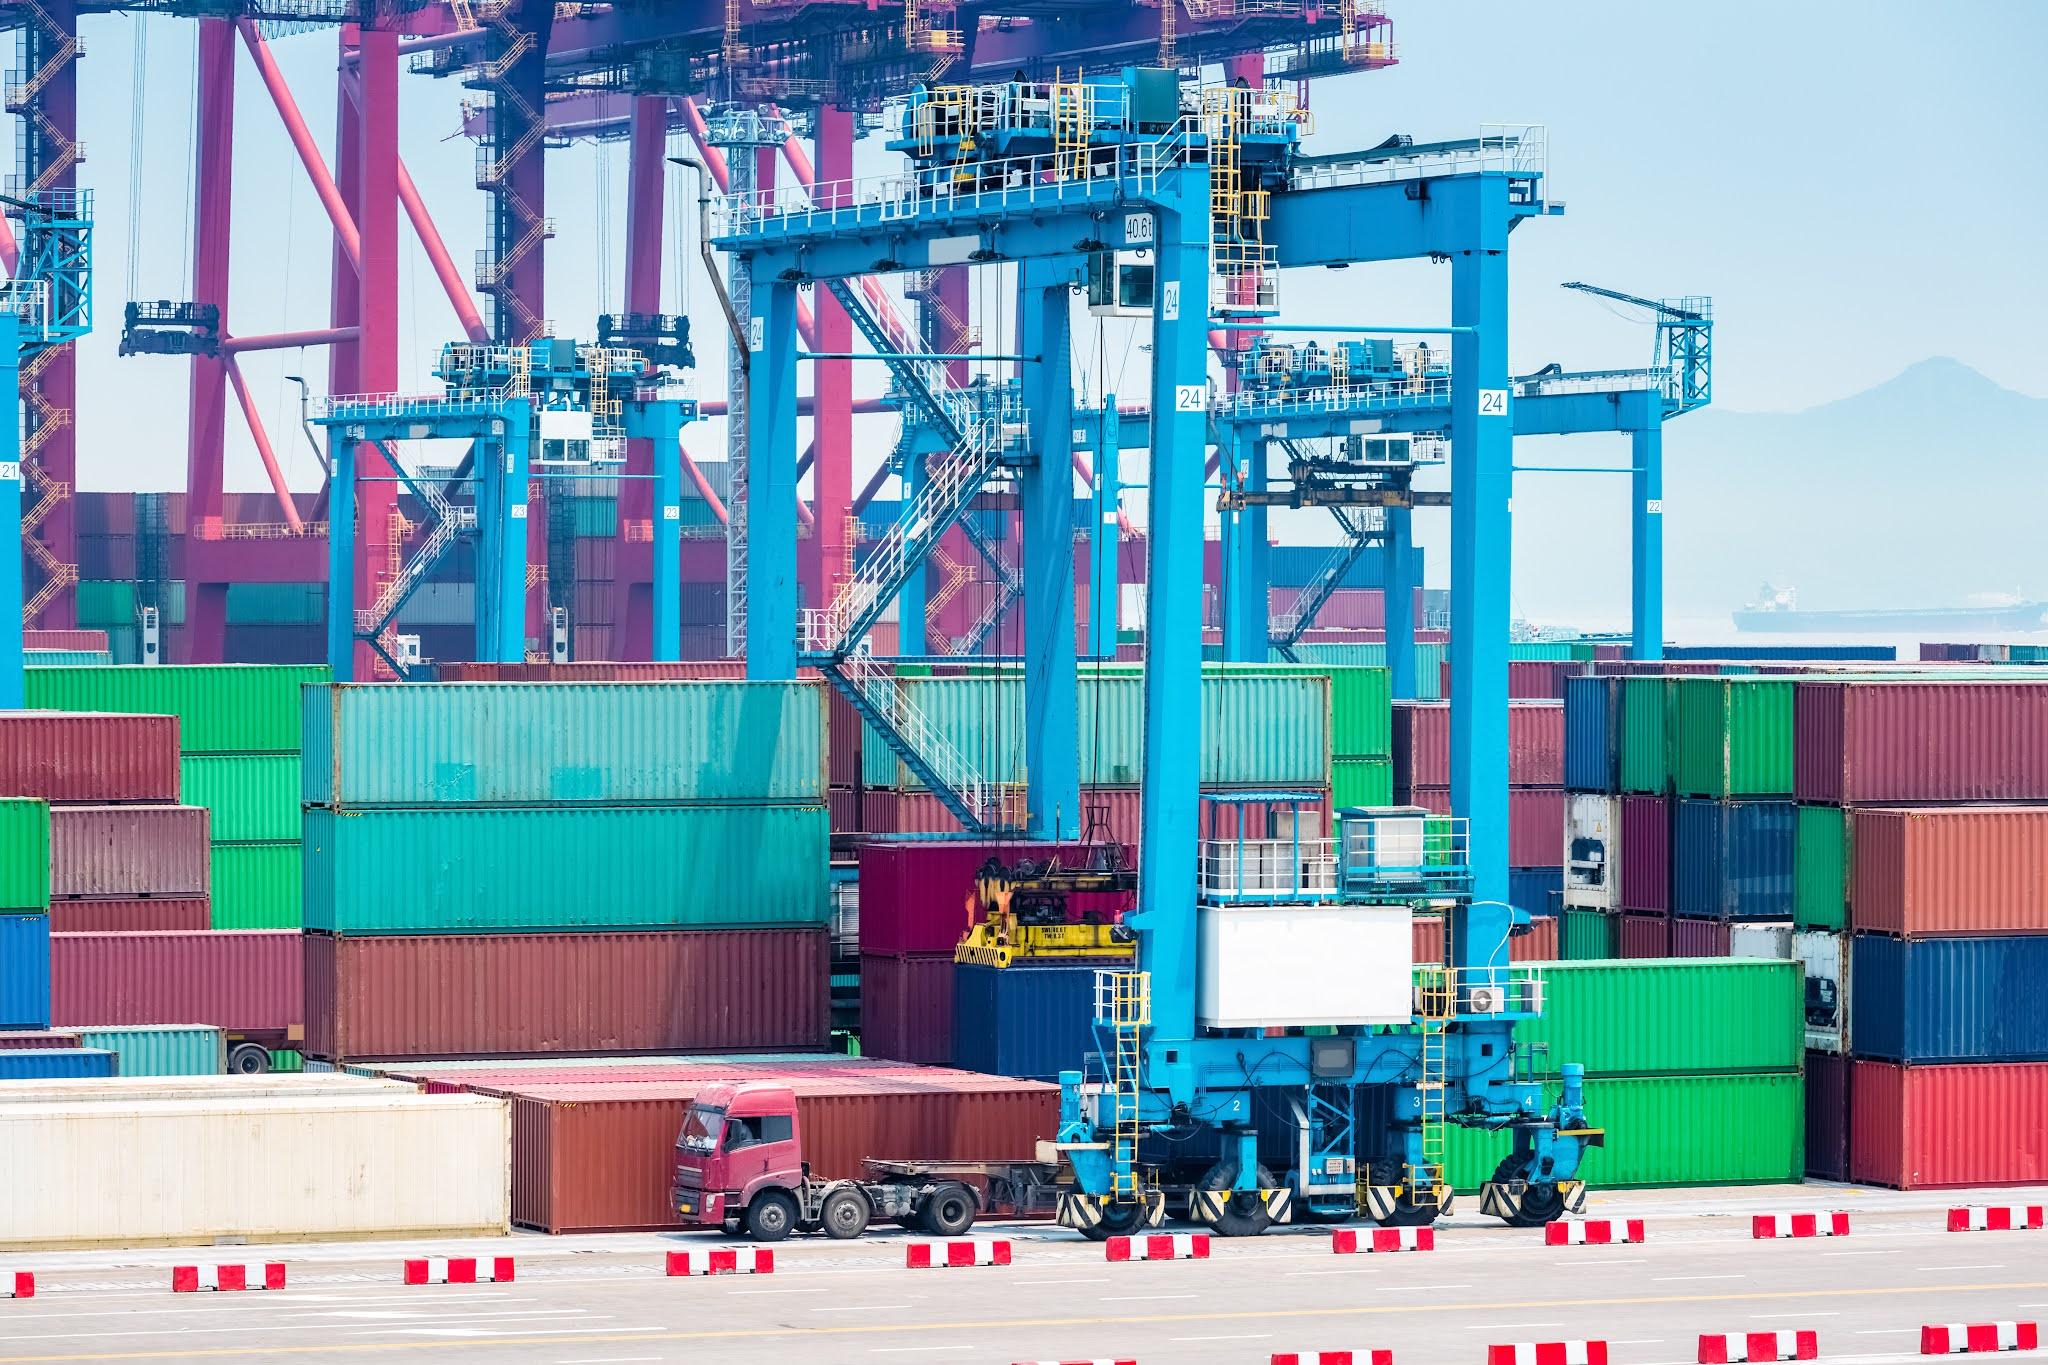 حجم التجارة بين دولة الإمارات UAE ومملكة البحرين يشهد انتعاشا كبيرا في الربع الثاني